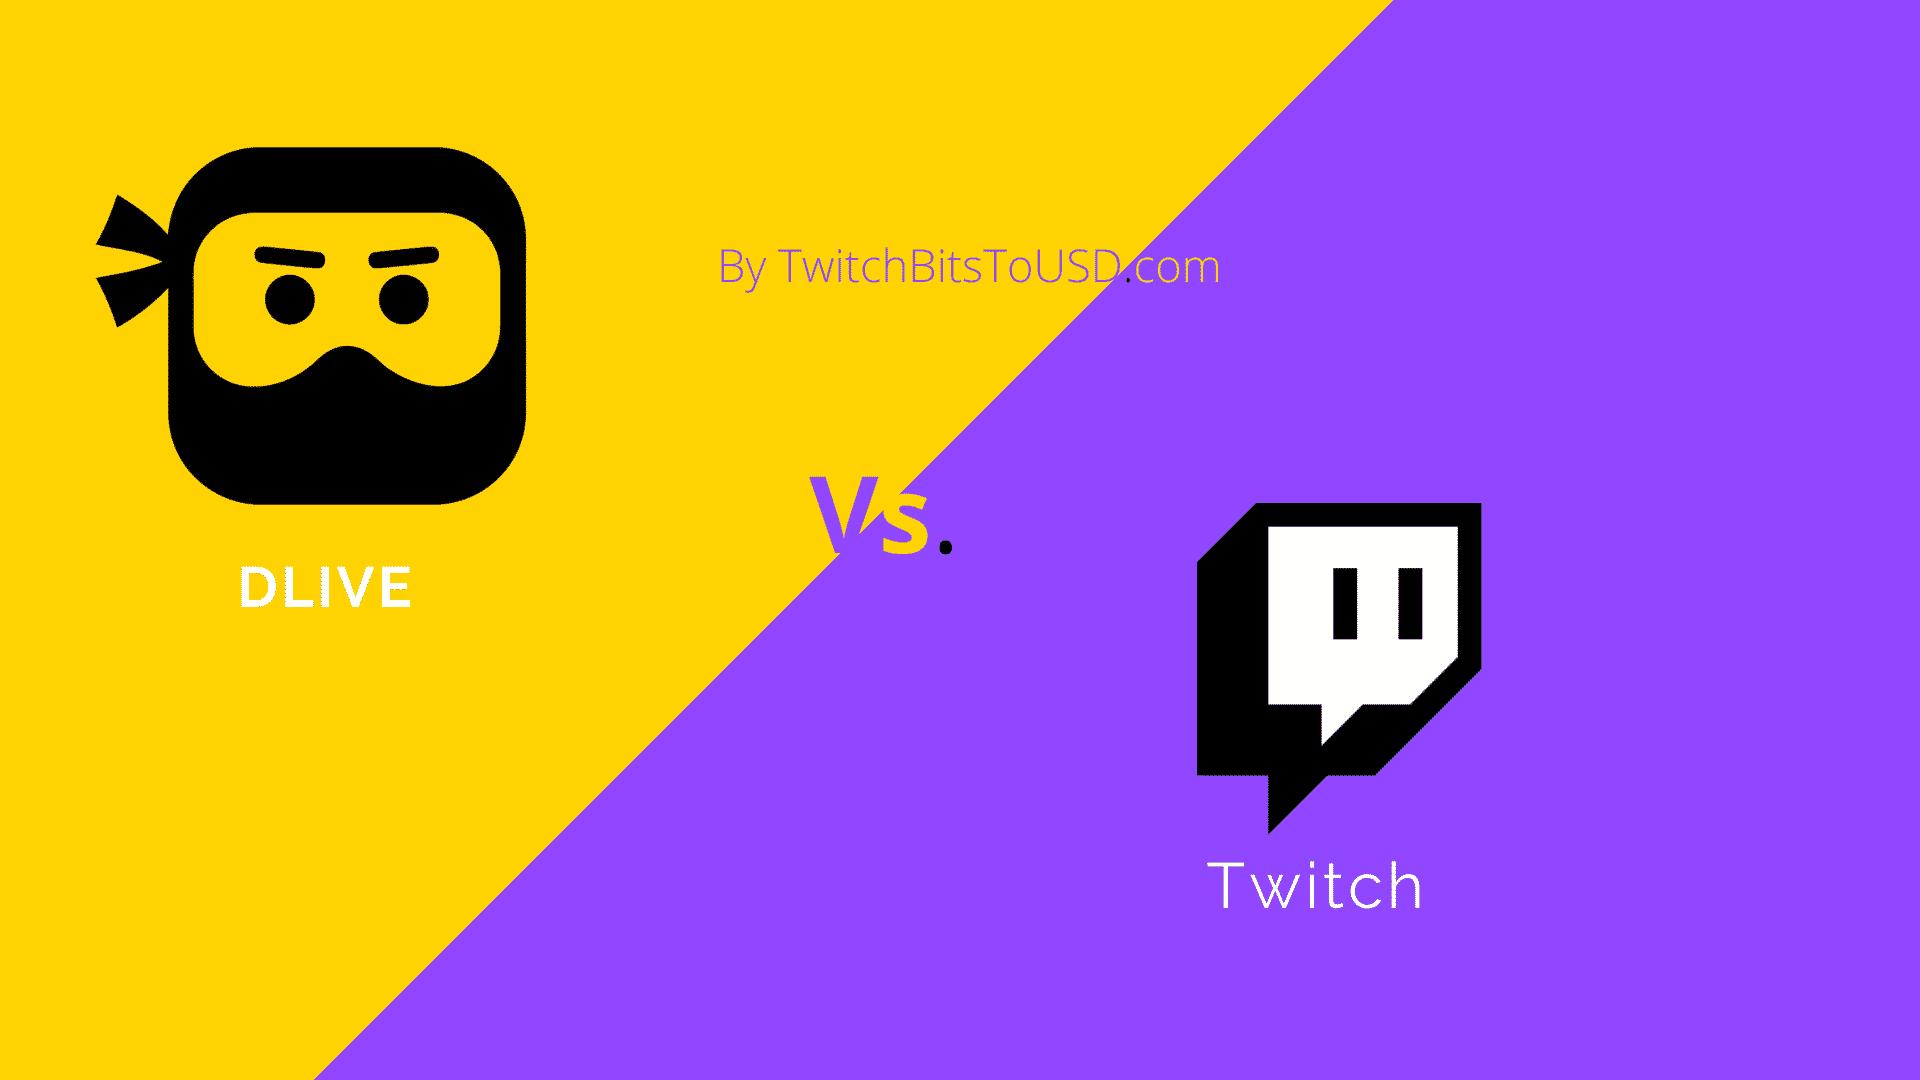 Dlive vs twitch